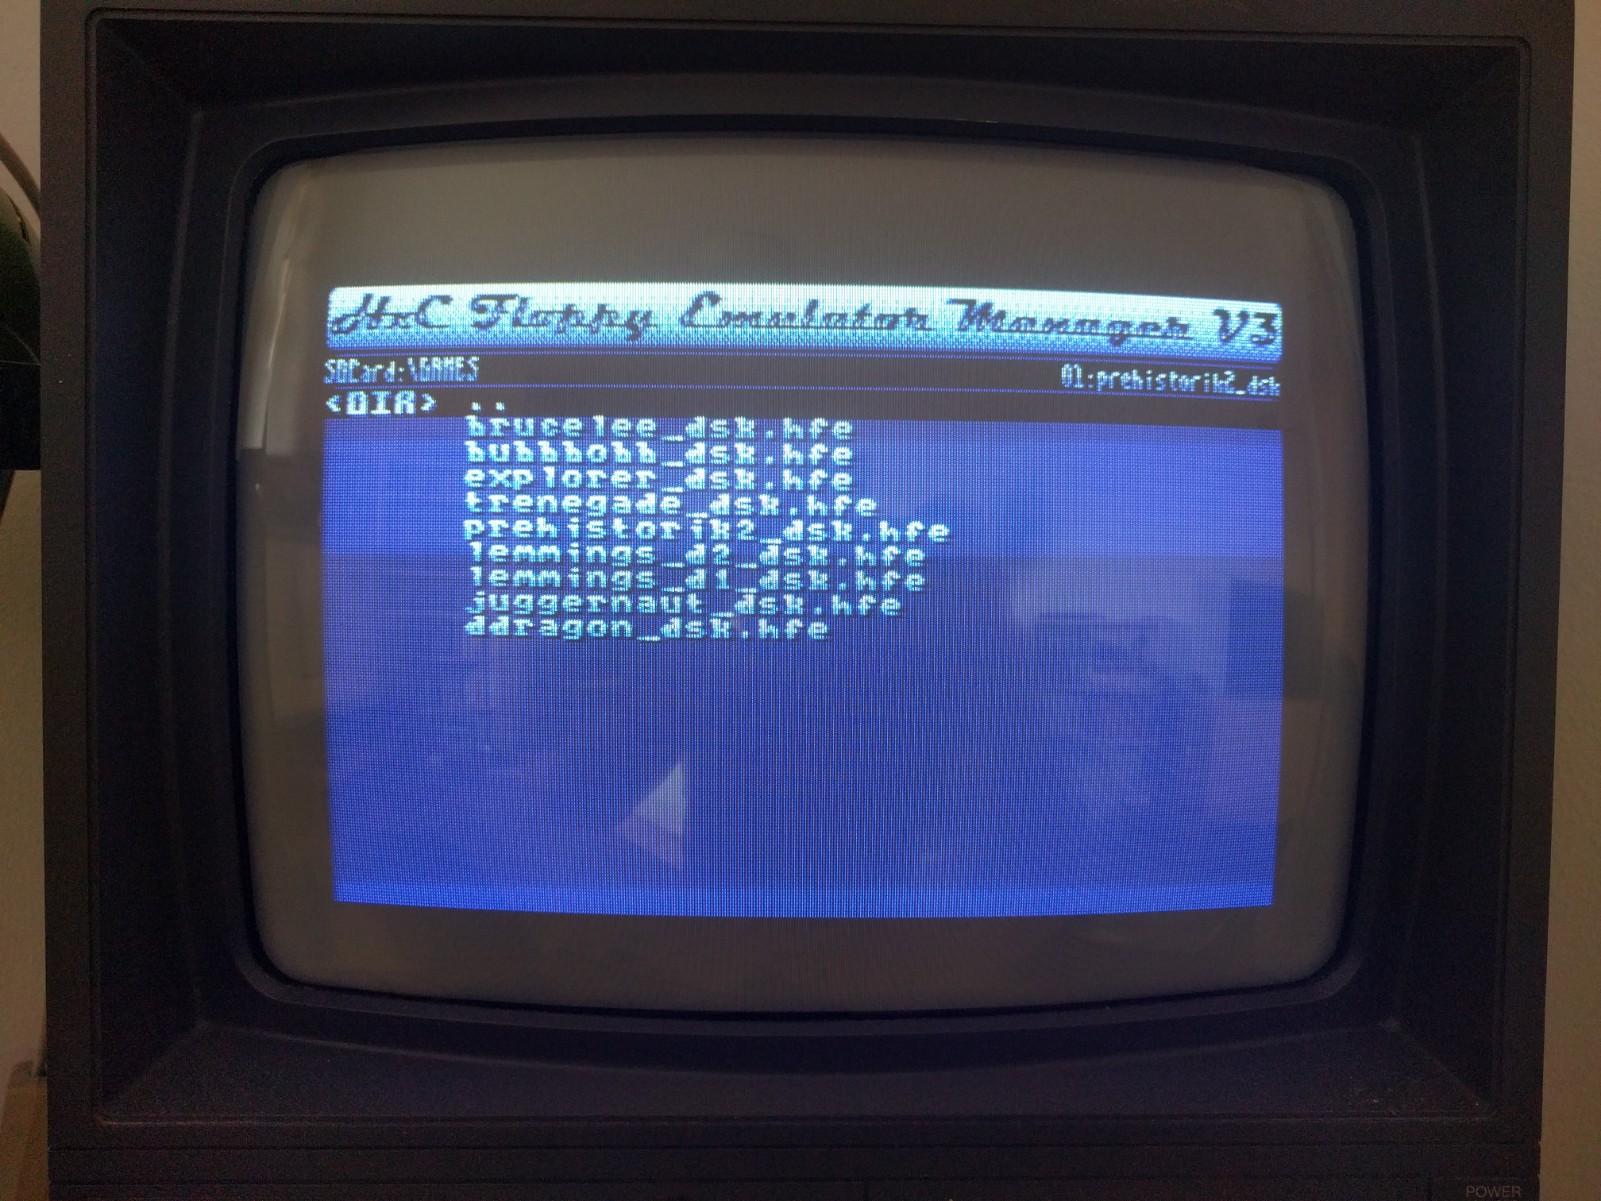 ddi3 usb floppy emulator for amstrad cpc 464